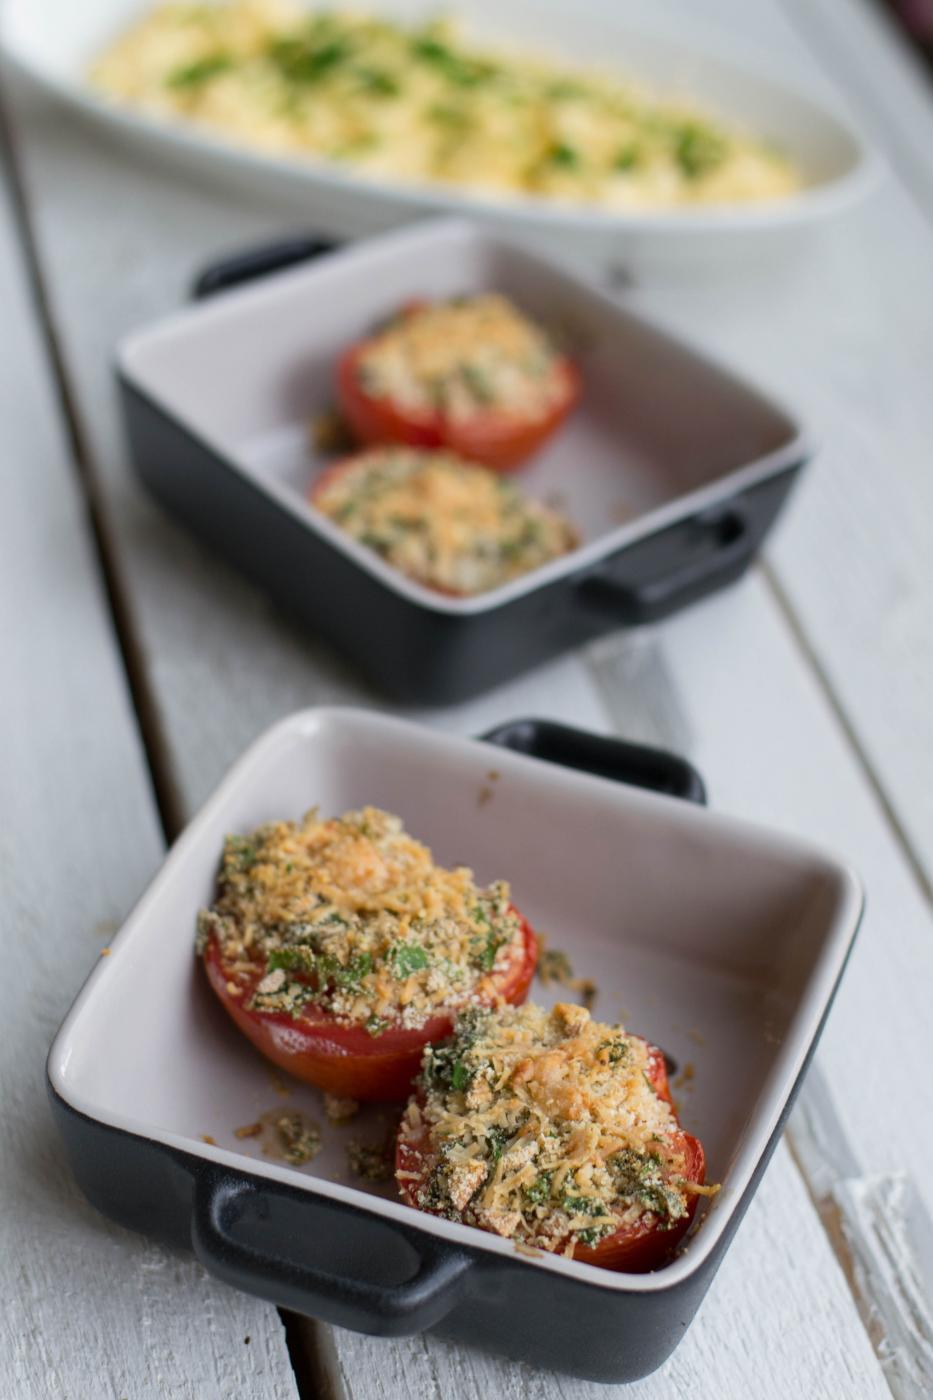 Viikonlopun hitaat aamut: Täytetyt tomaatit ja parmesan-munakokkeli